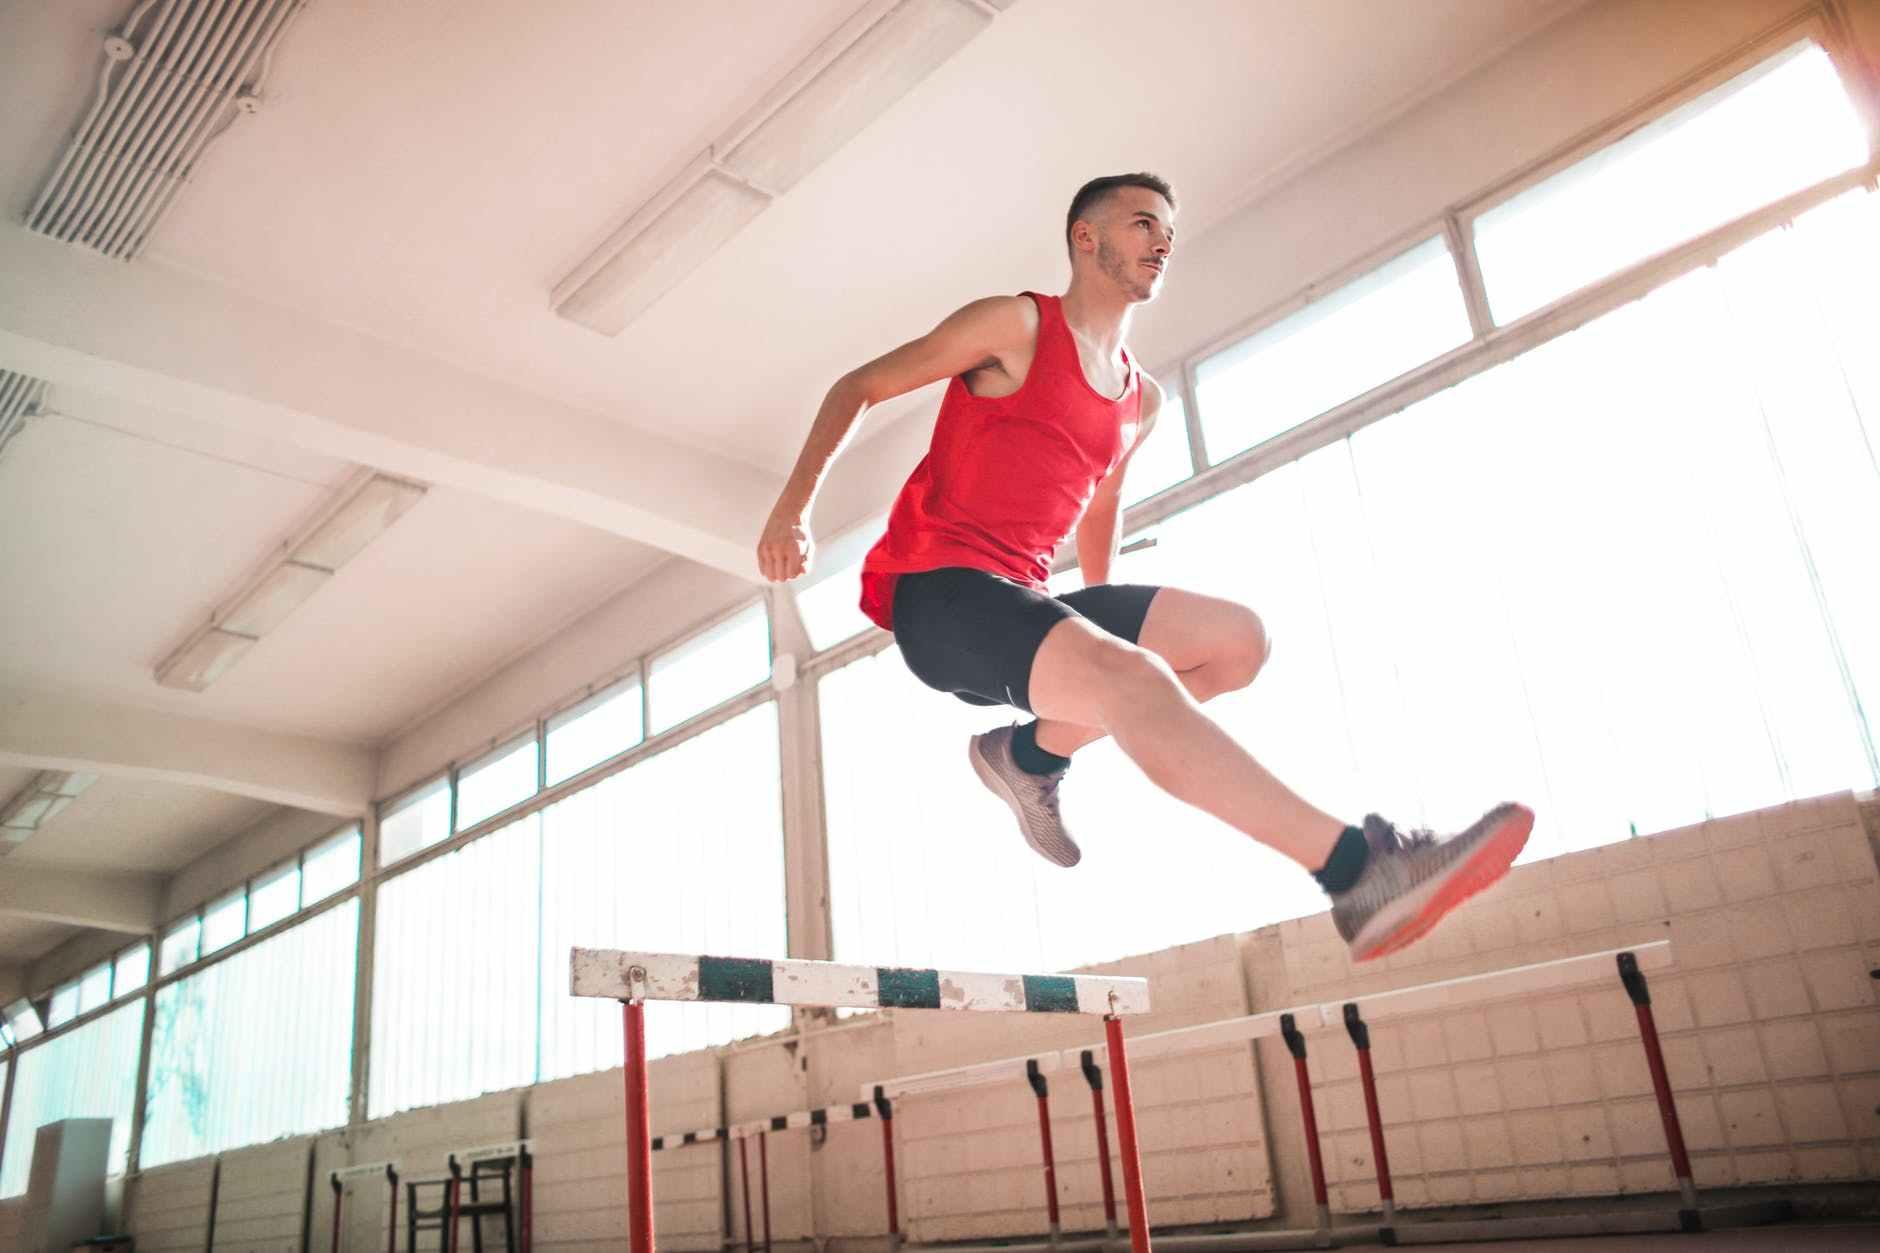 每周健身几次才能保持好身材?保持苗条3次,保住肌肉4次都嫌少